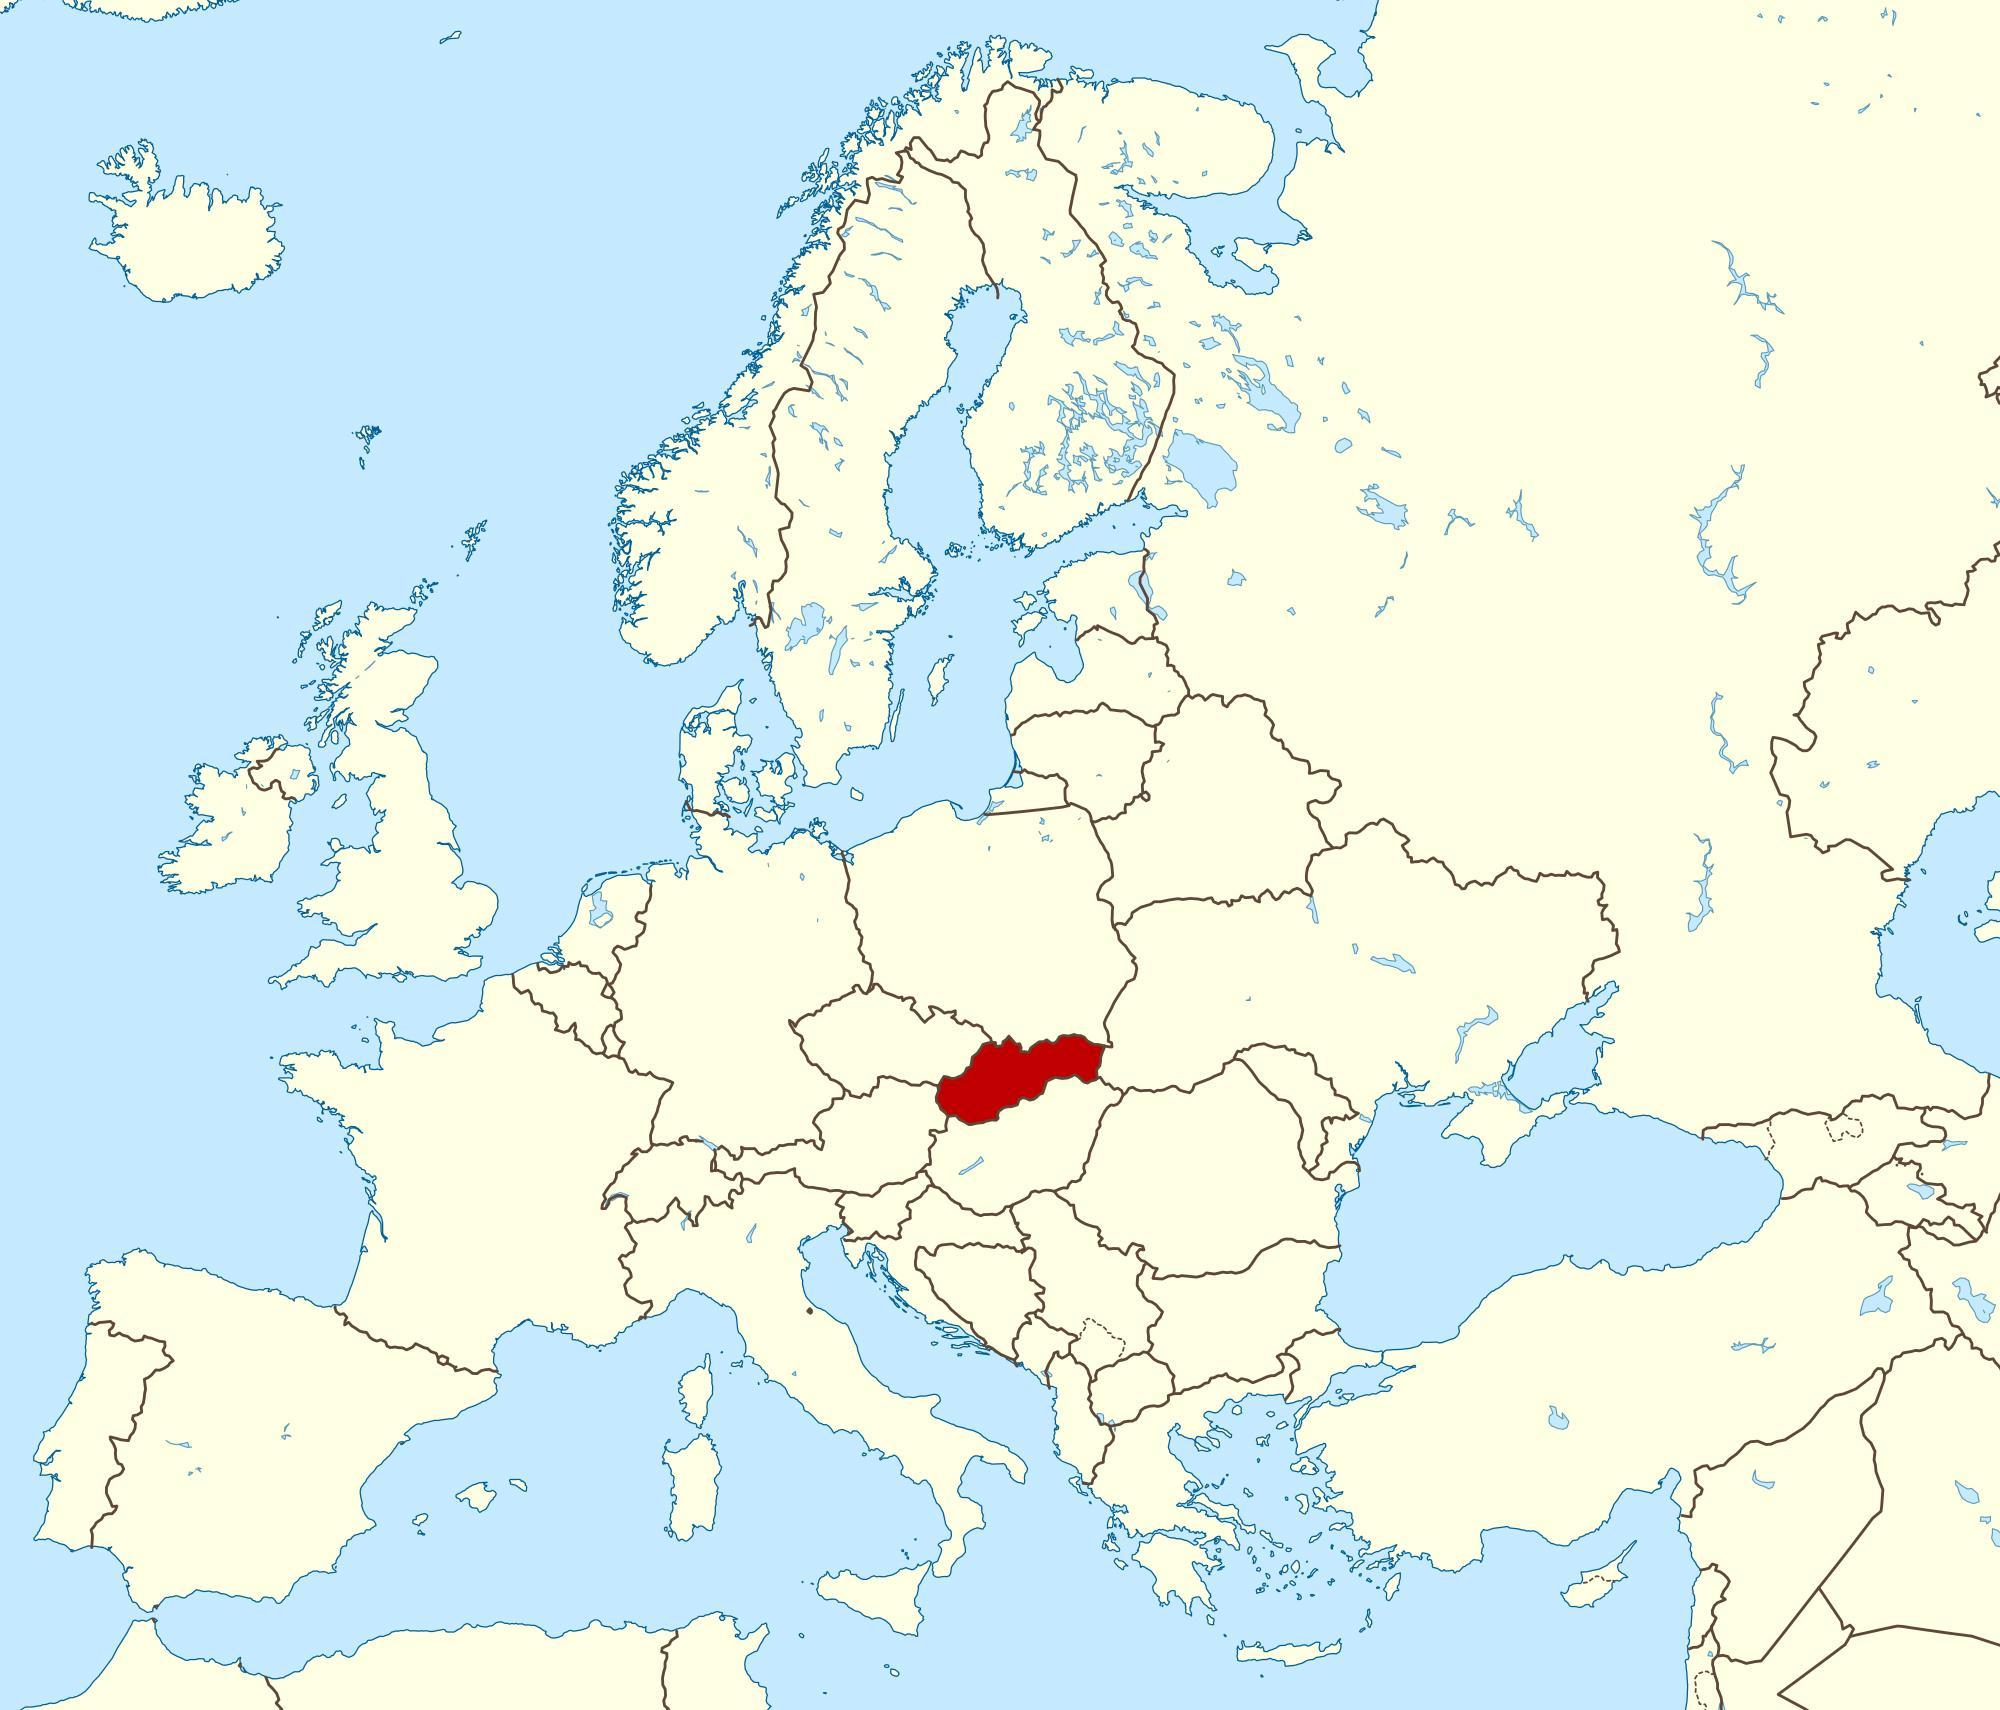 Slovakia Kartta Euroopan Kartta Slovakia Kartta Eurooppa Ita